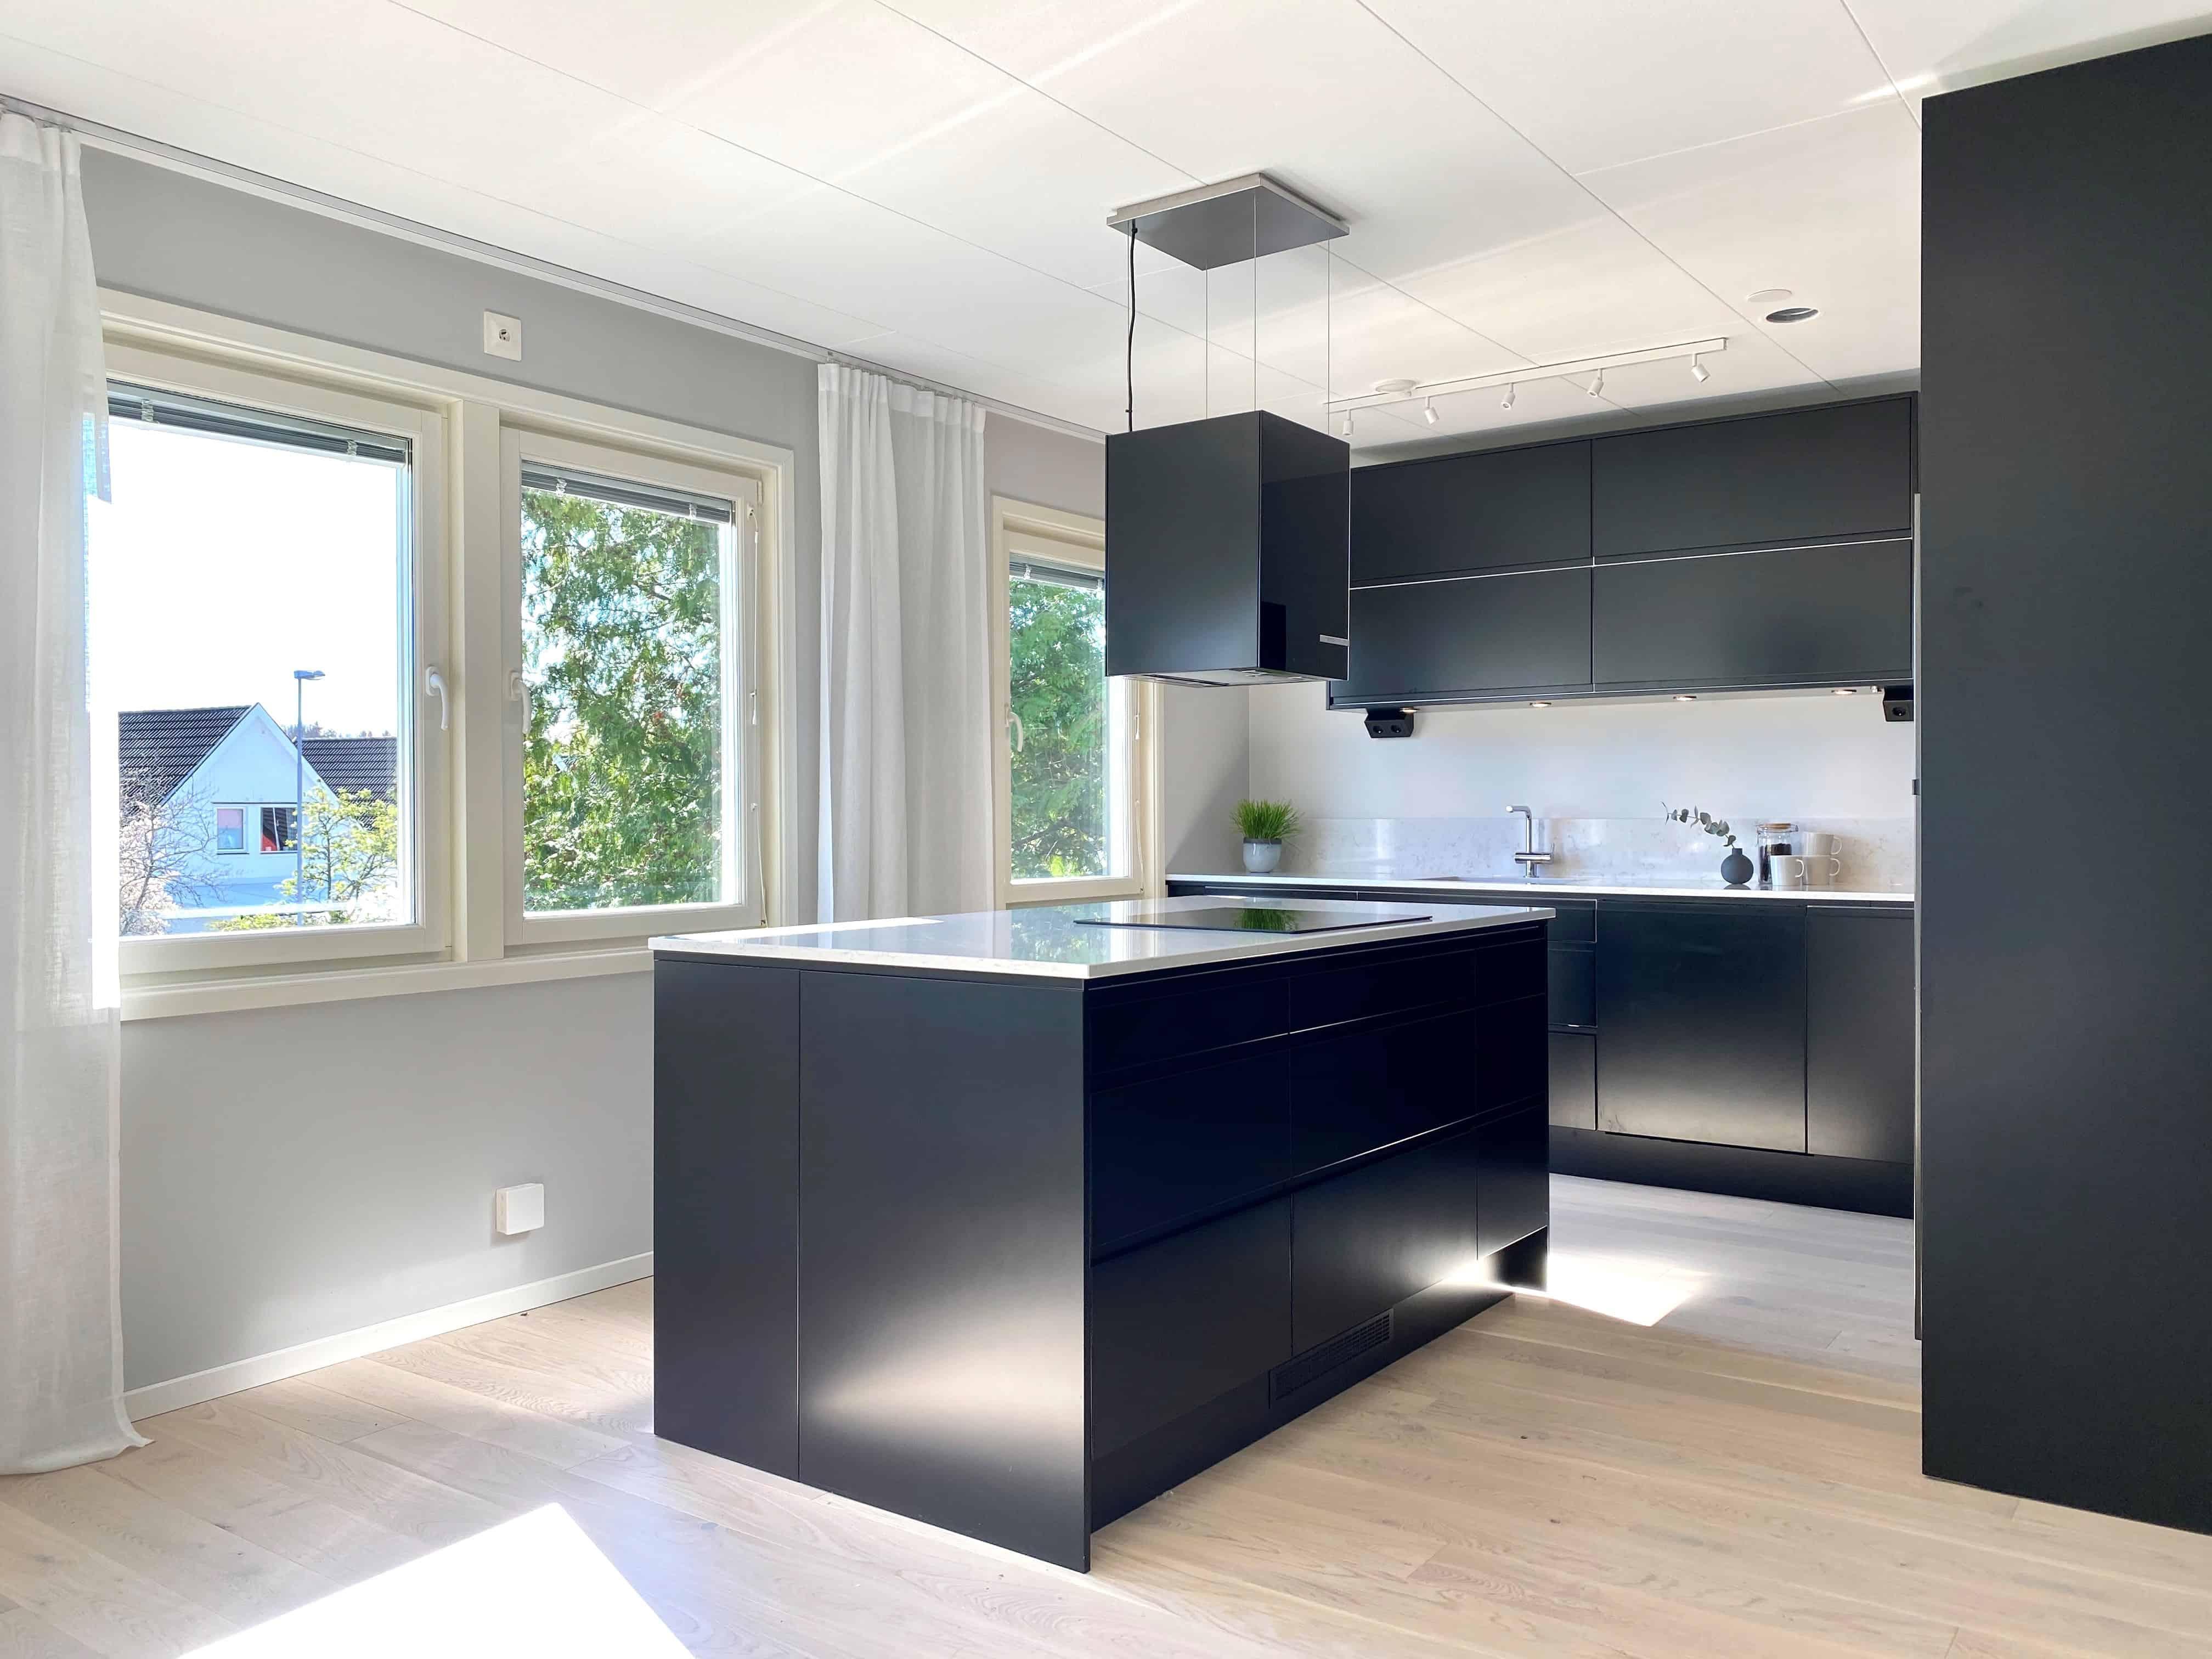 """Referensjobb """"Kök - efter renovering"""" utfört av Danderyd Hantverksgrupp AB"""